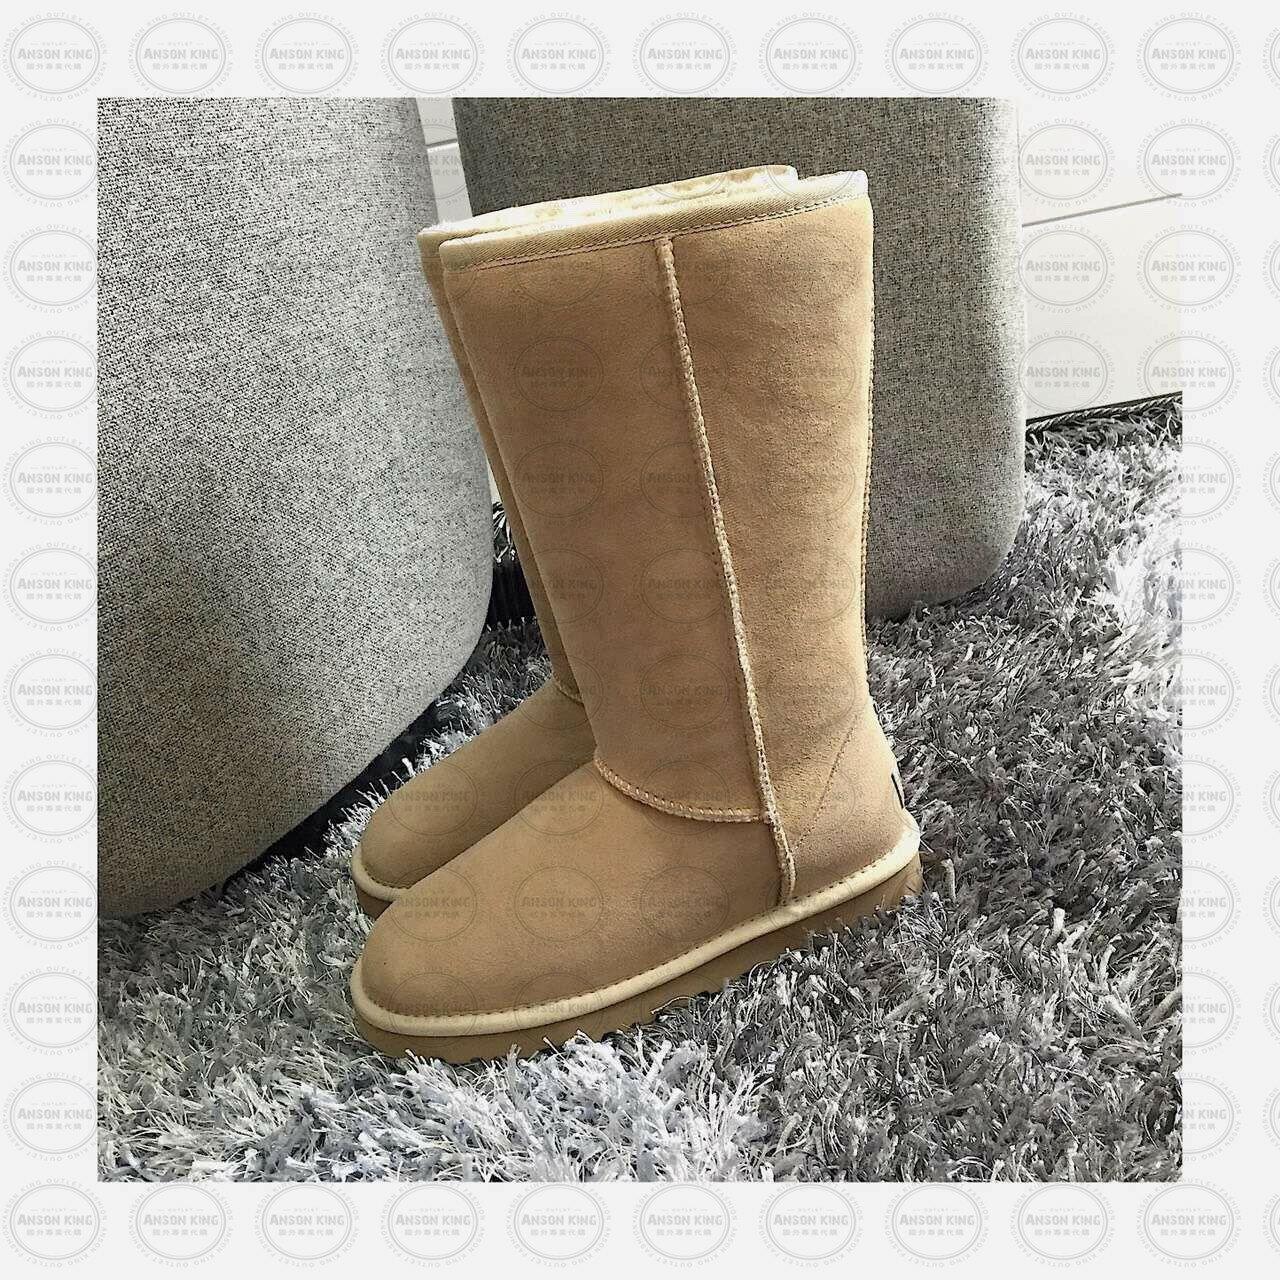 OUTLET正品代購 澳洲 UGG 經典女款羊皮毛一體雪靴 中長靴 保暖 真皮羊皮毛 雪靴 短靴 沙栗色 0